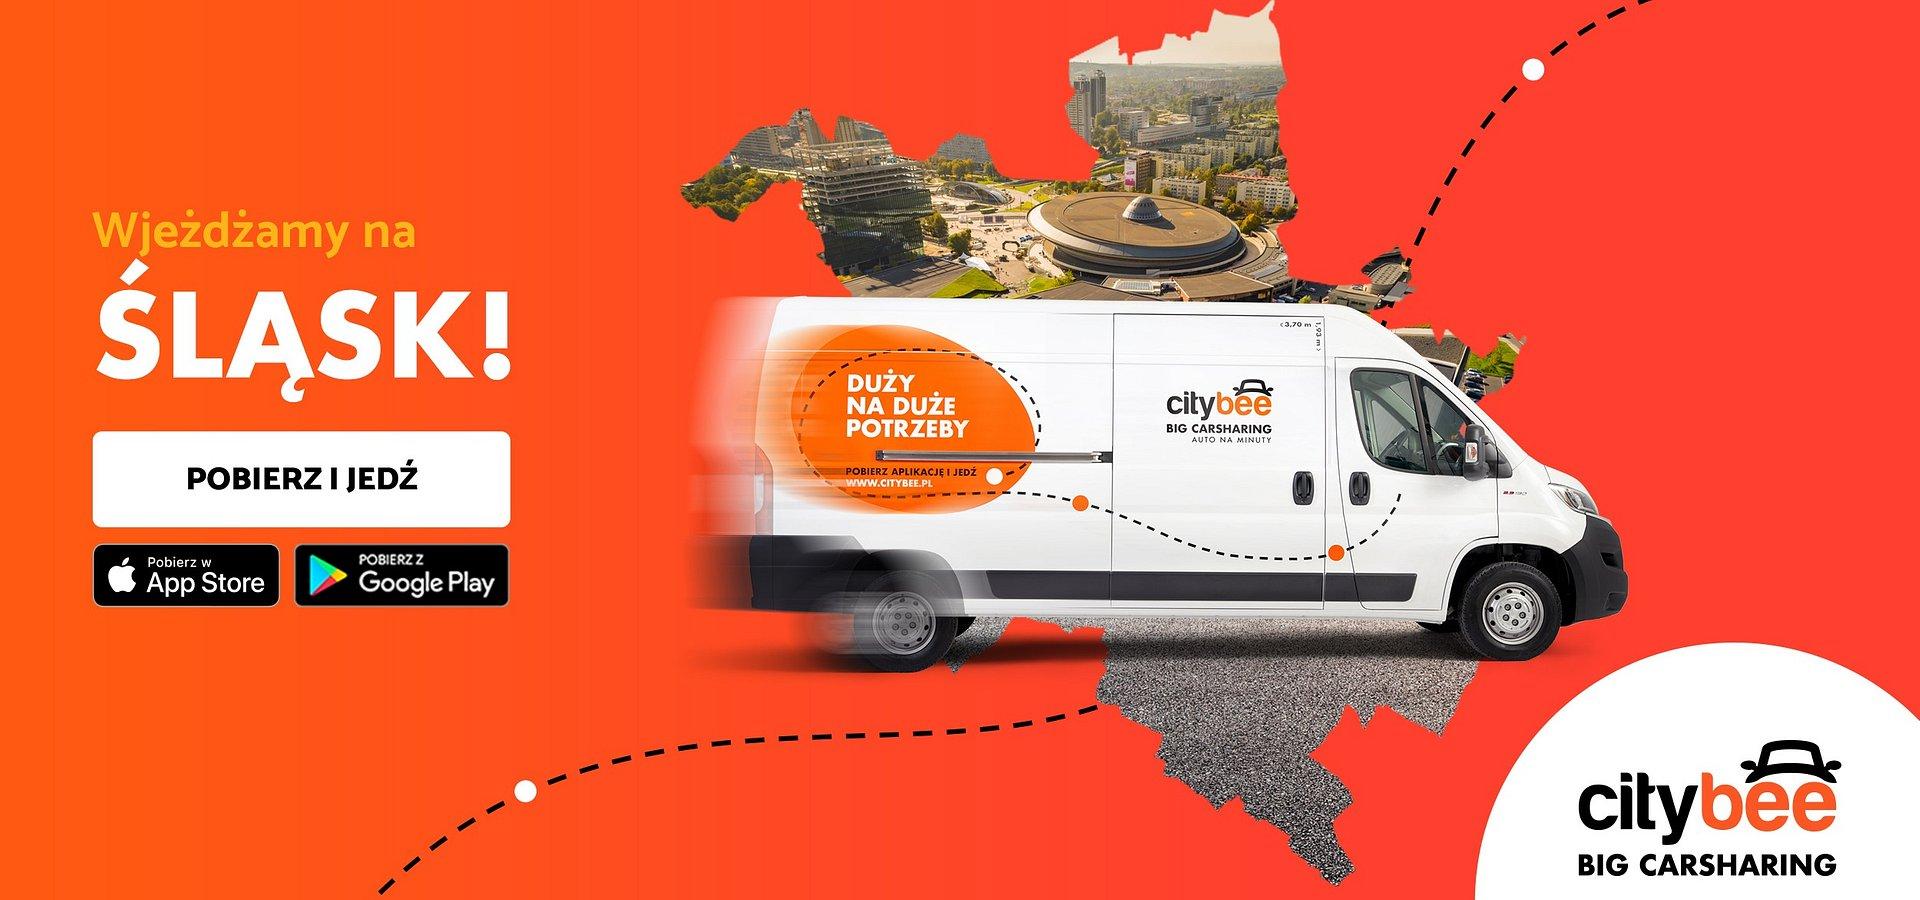 CityBee dostępne na Śląsku! Startuje wynajem dostawczaków na minuty